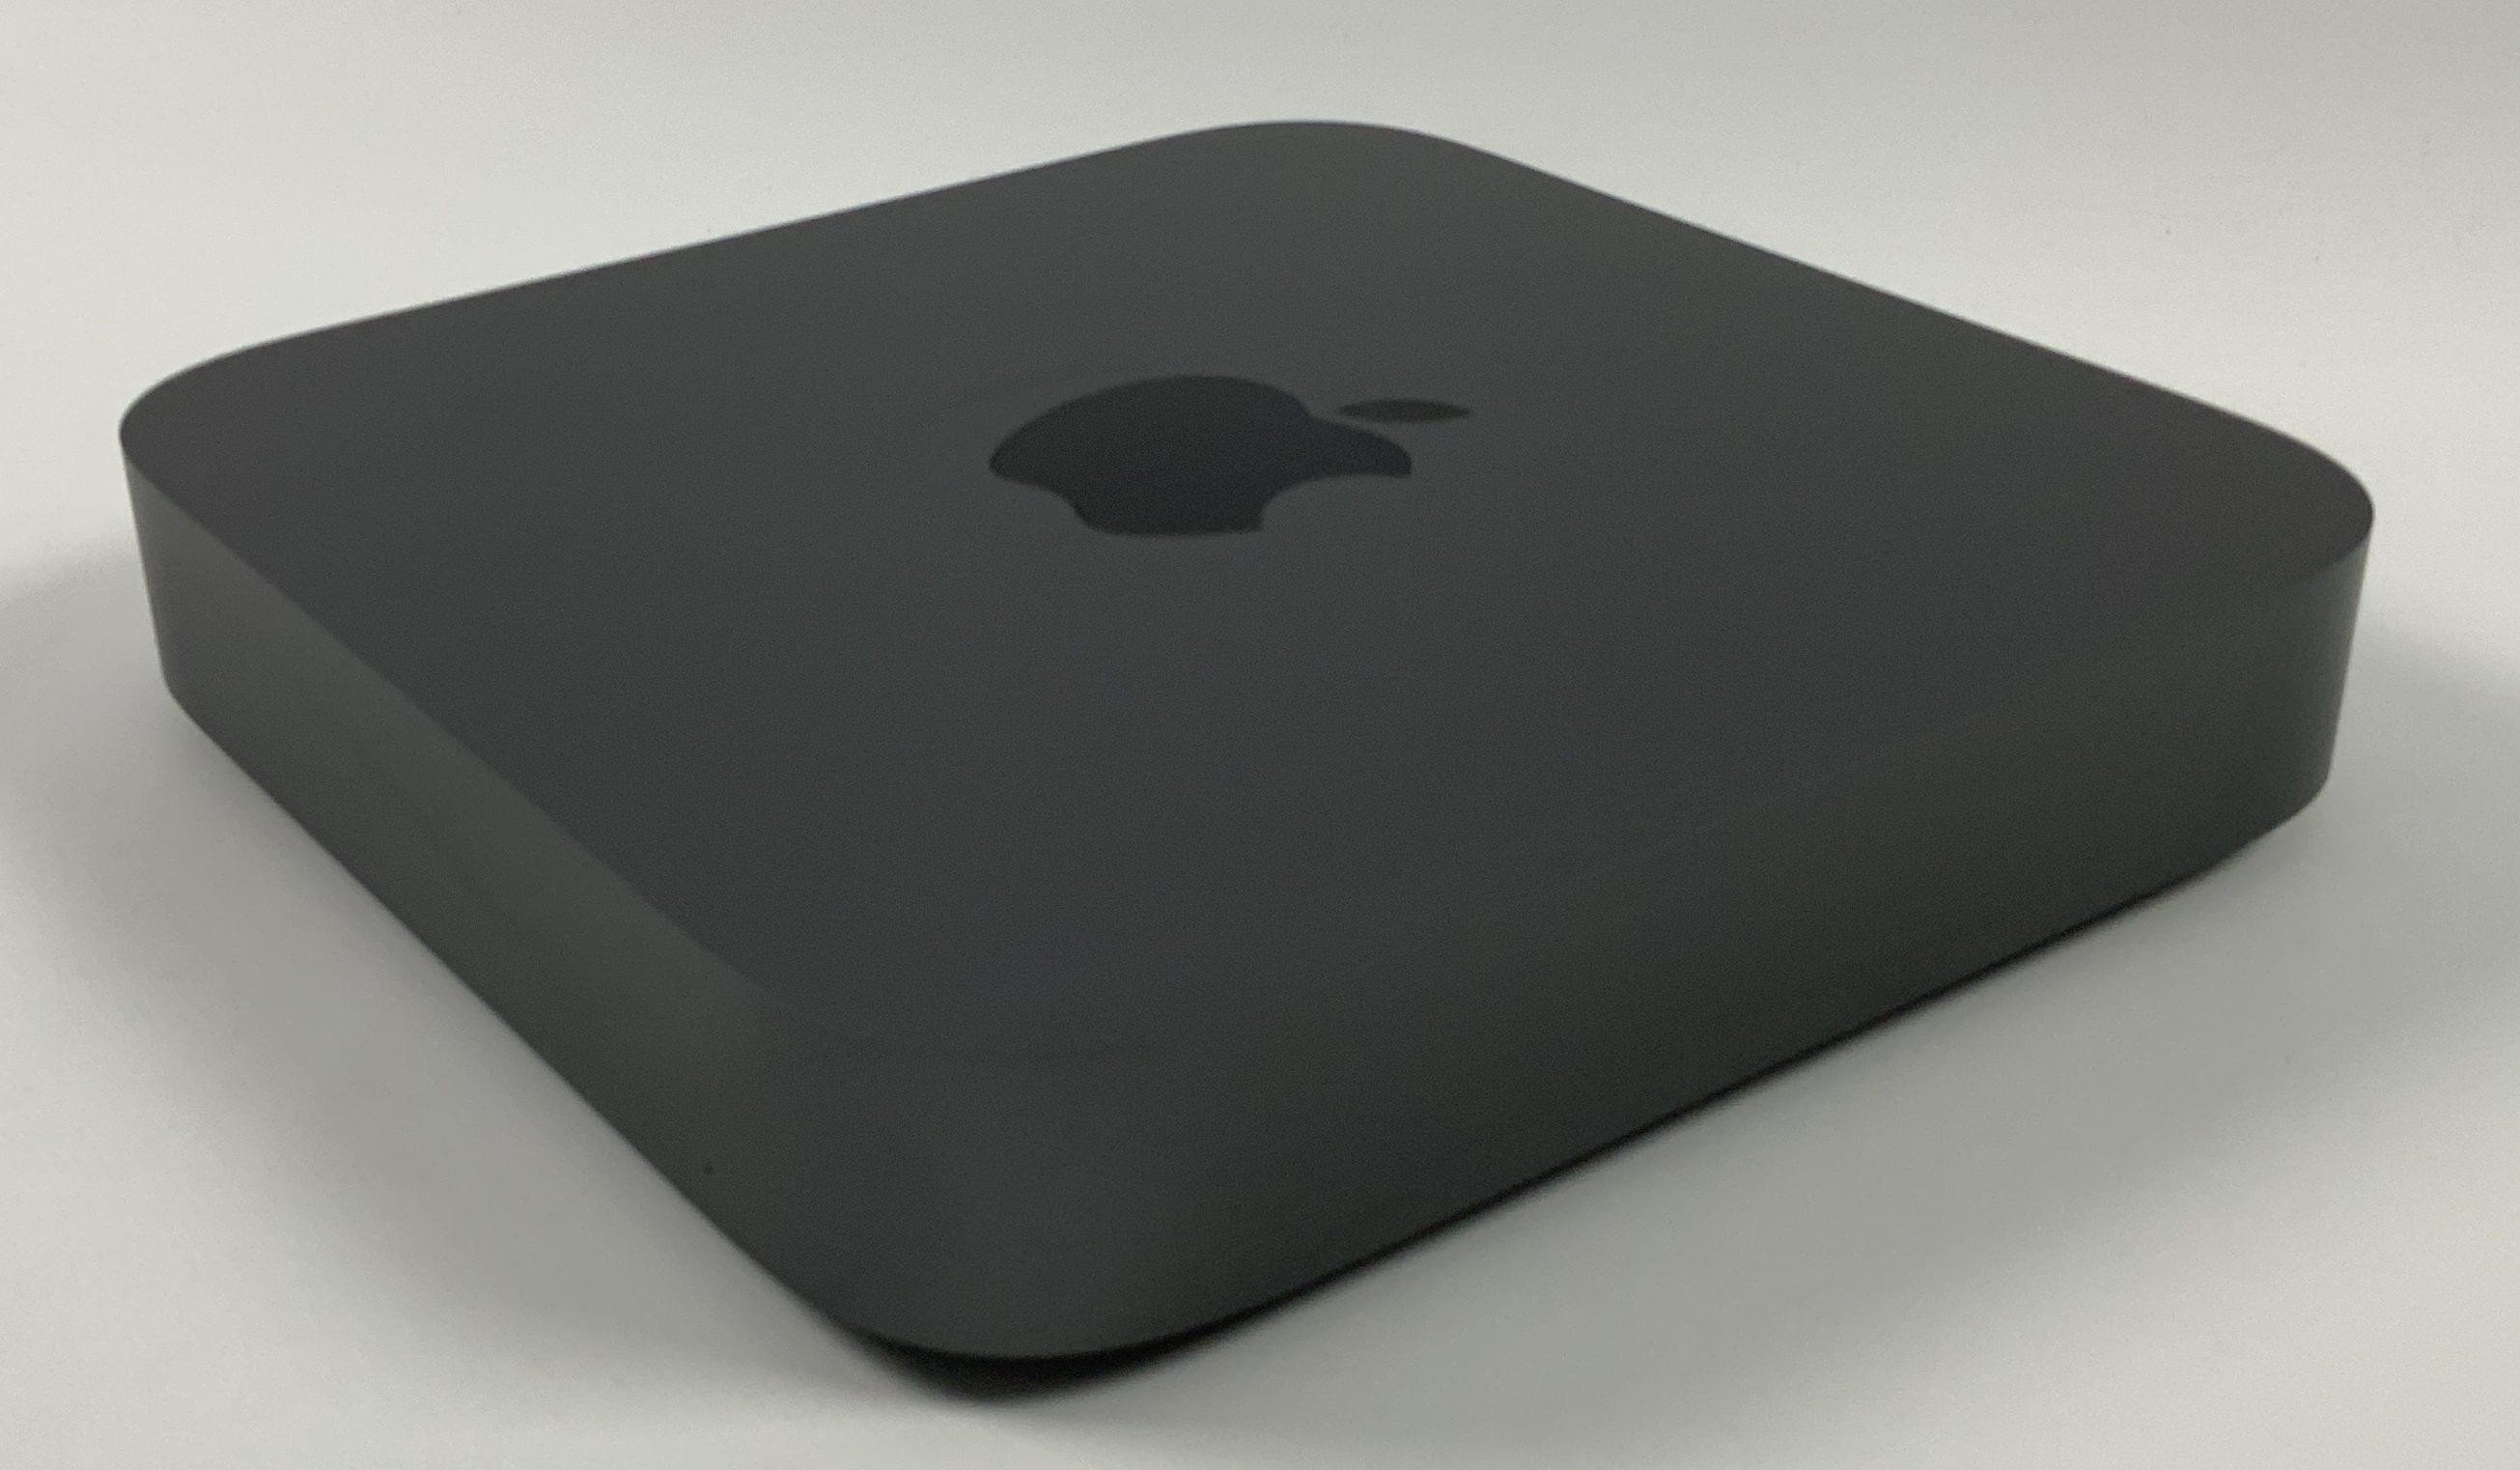 Mac Mini Early 2020 (Intel Quad-Core i3 3.6 GHz 32 GB RAM 256 GB SSD), Intel Quad-Core i3 3.6 GHz, 32 GB RAM, 256 GB SSD, Bild 4